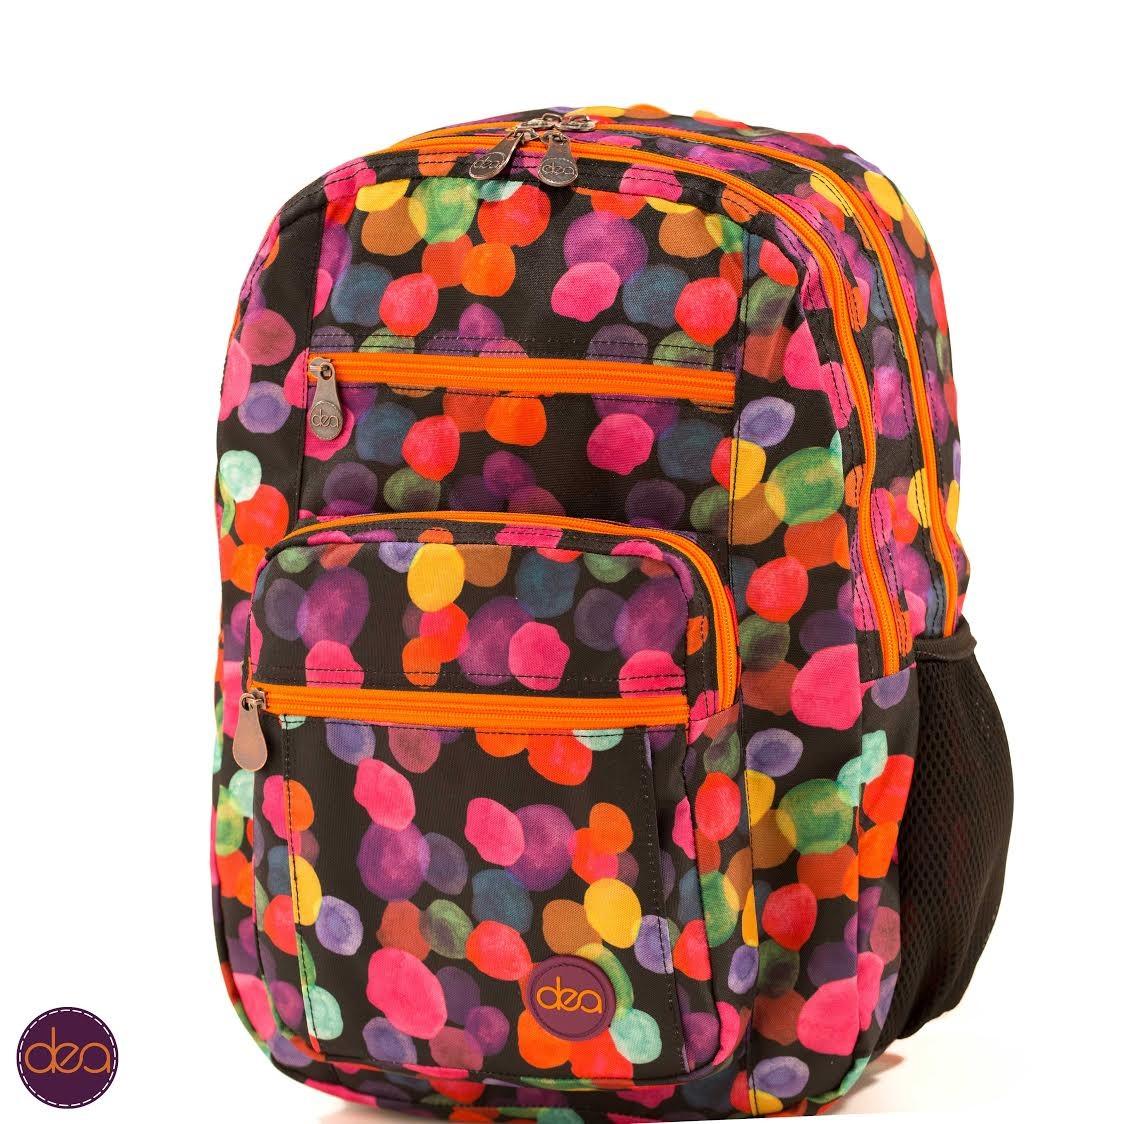 1-Boo Dea Bags